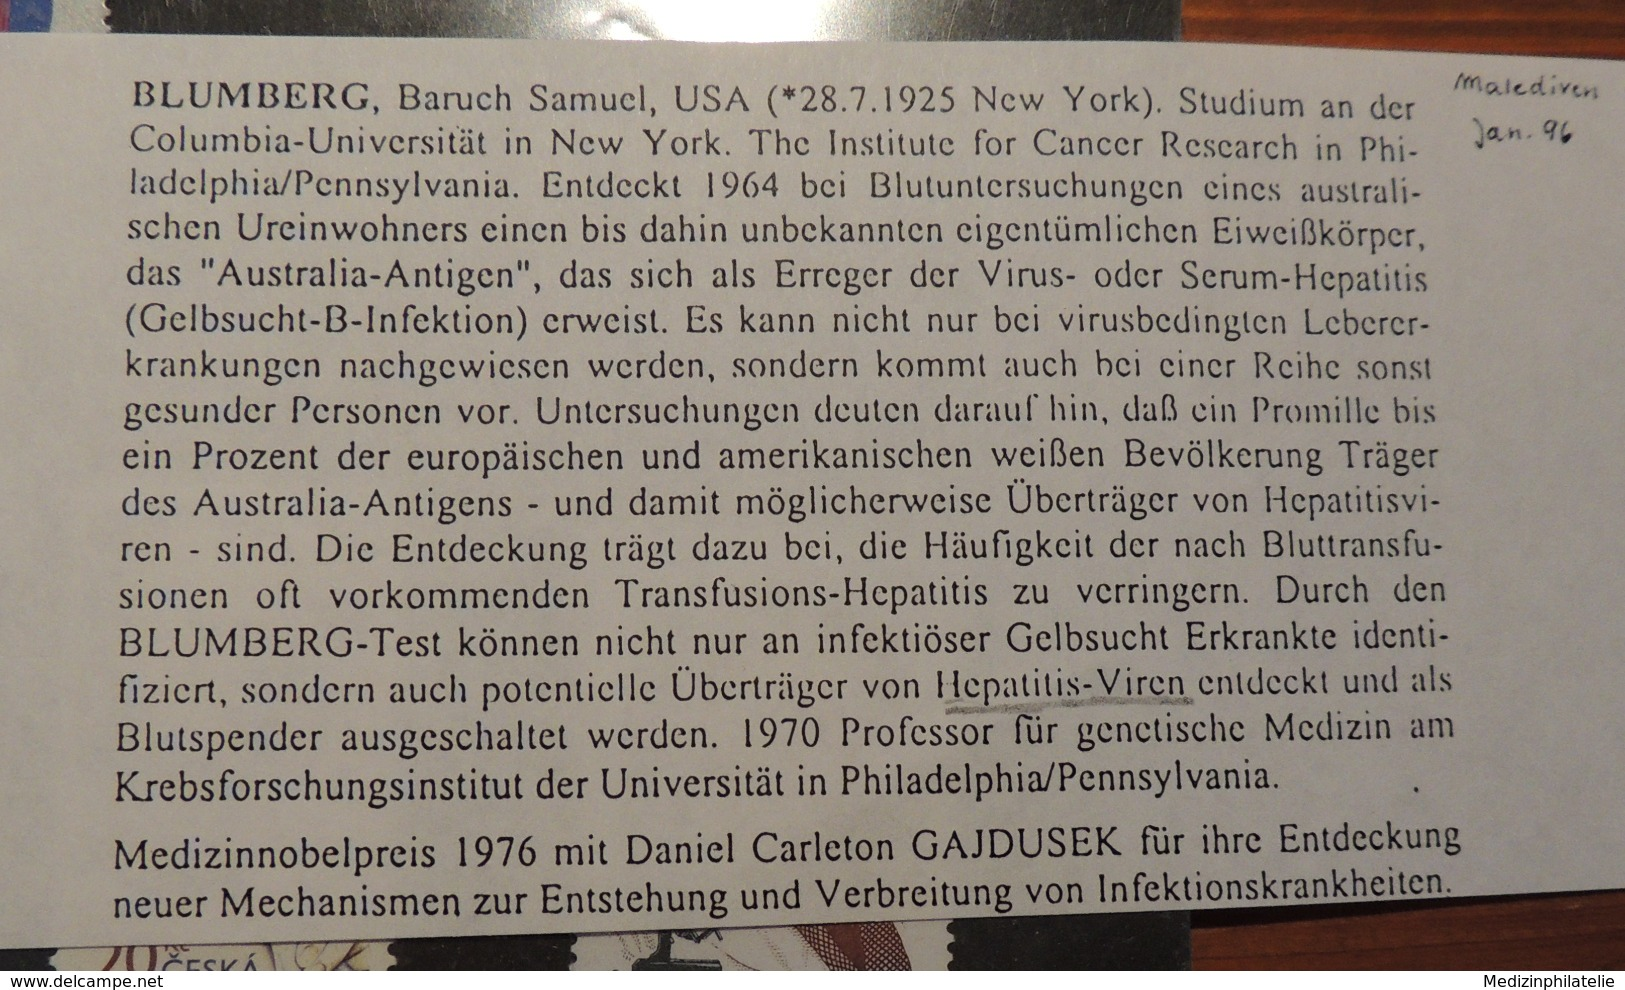 Herz Liebe - Holy - Edmond Locard - Baruch Blumberg Australische Ureinwohner Eiweisskörper Australia Antigen Hepatitis - Medicina